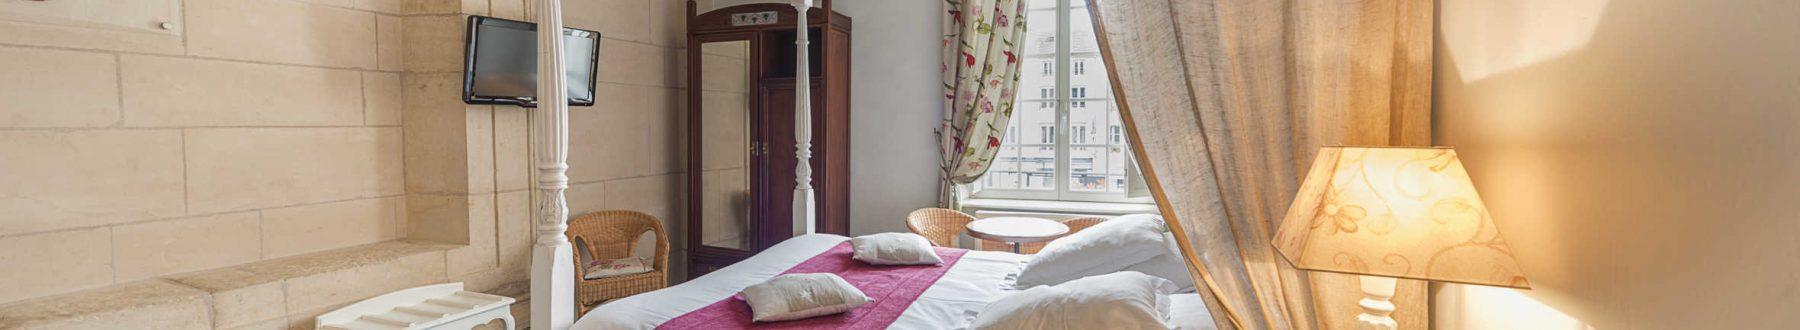 Réservez votre suite pour vos vacances à Nancy